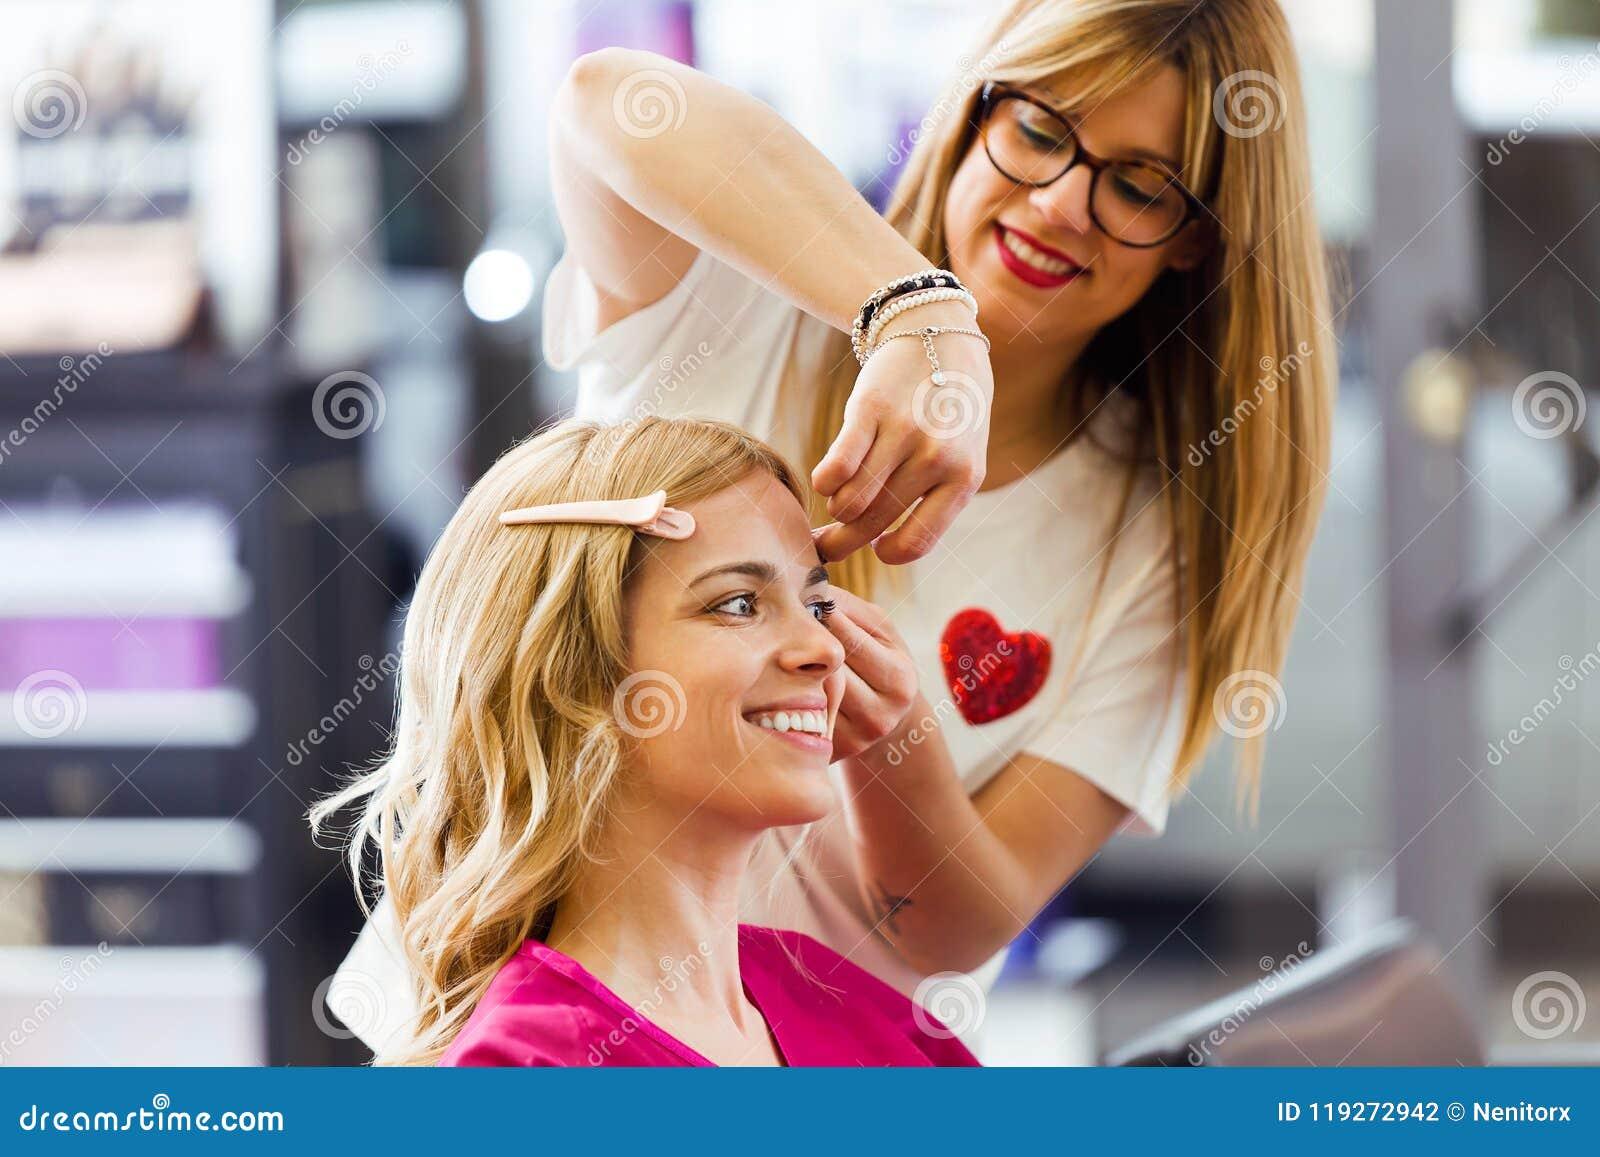 Ładny młody fryzjer robi fryzurze śliczna kobieta w piękno salonie